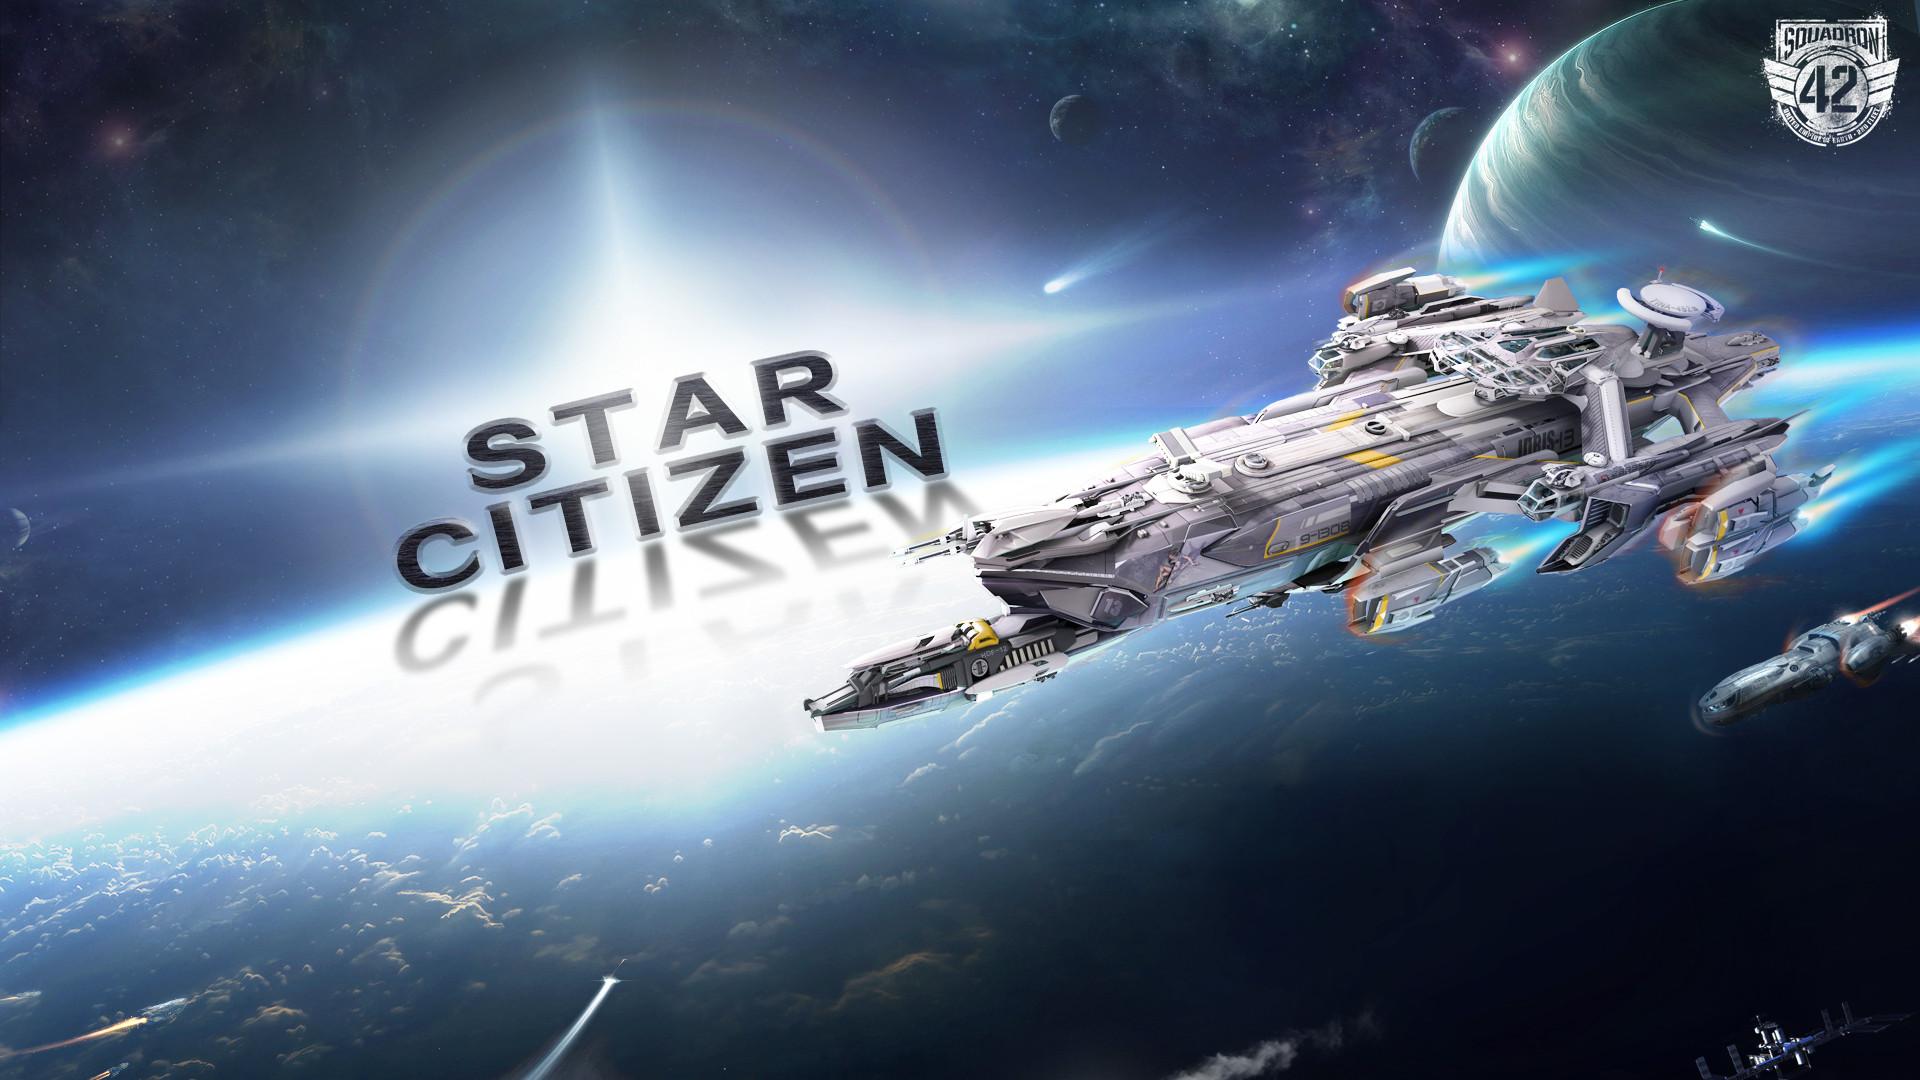 Star Citizen wallpaper 3